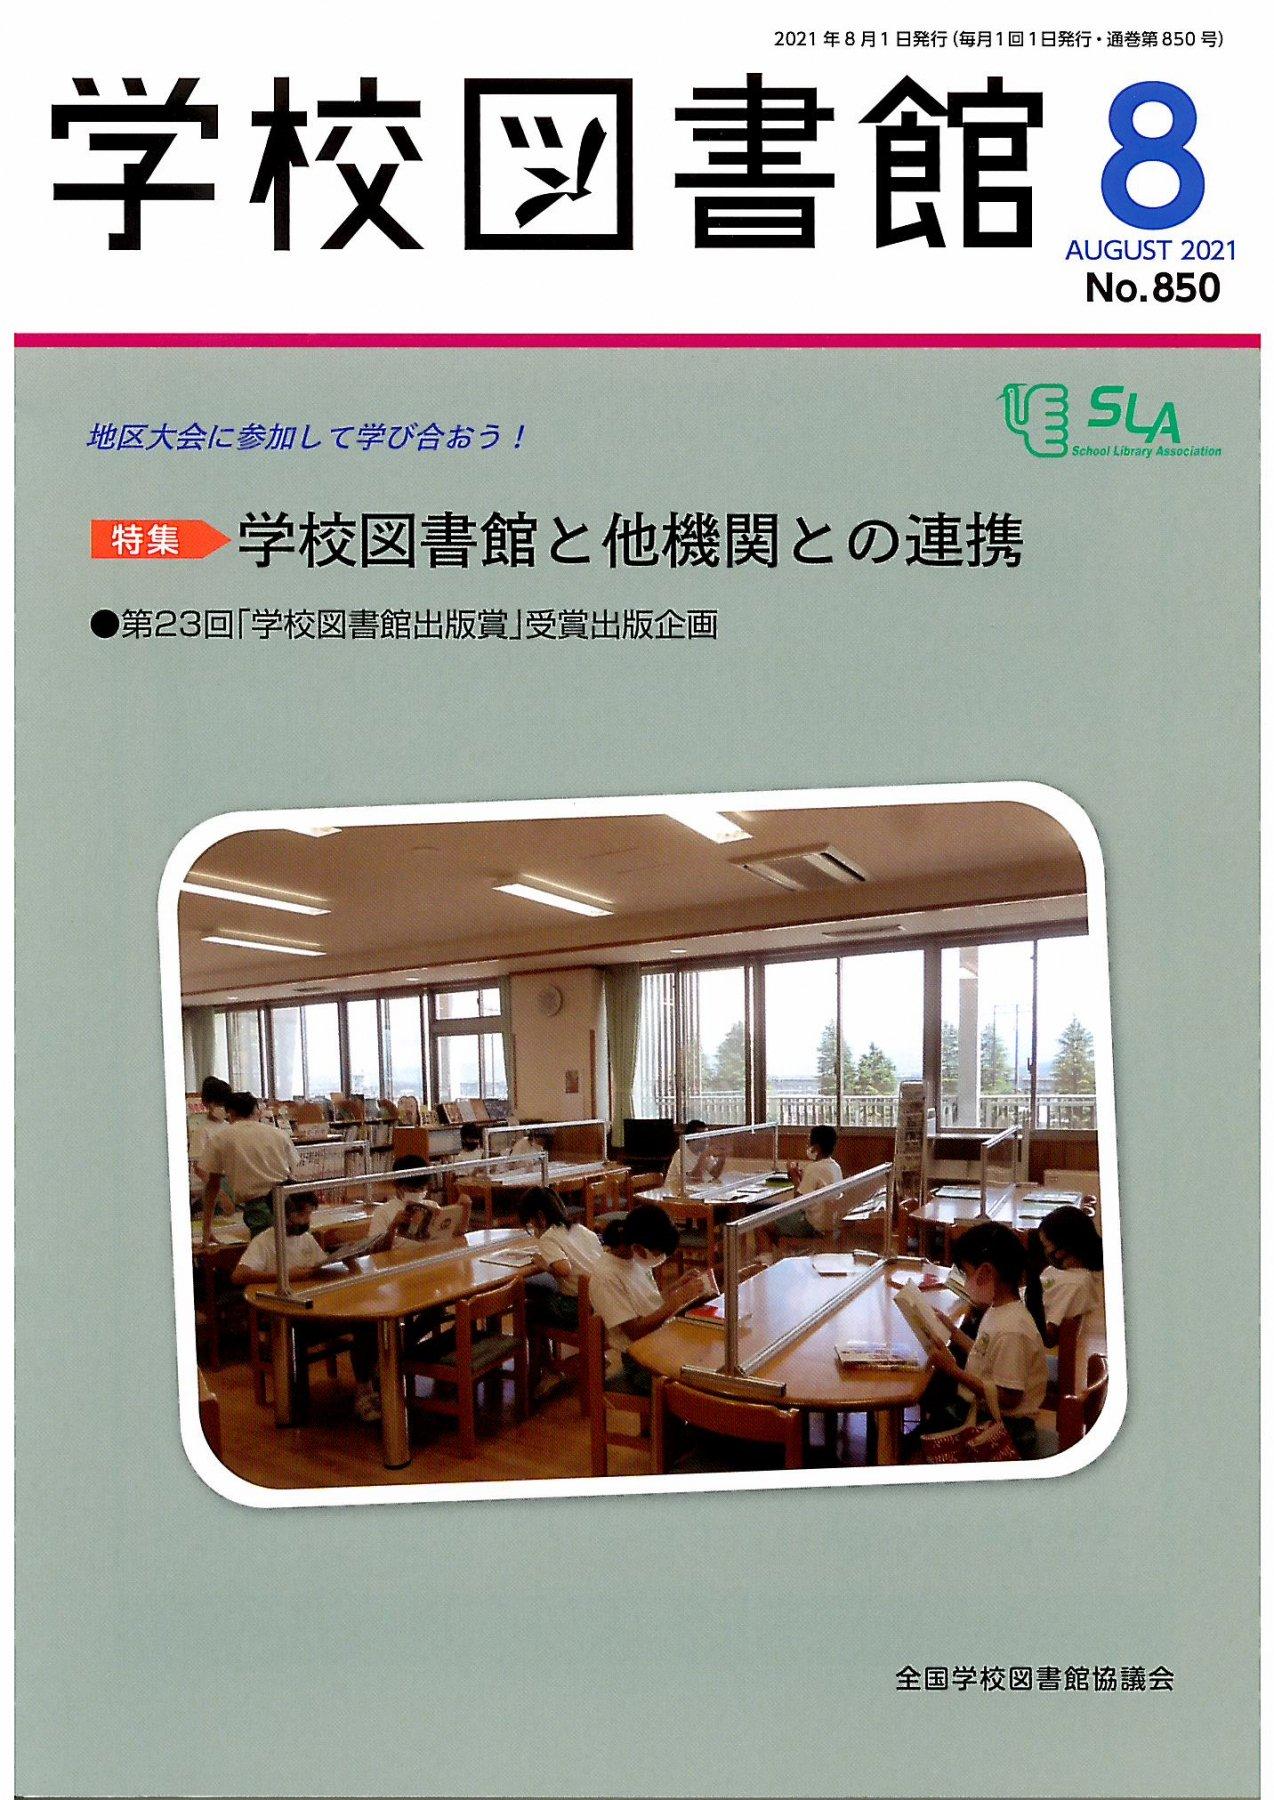 学校図書館8 AUGUST2021 NO.850の商品画像